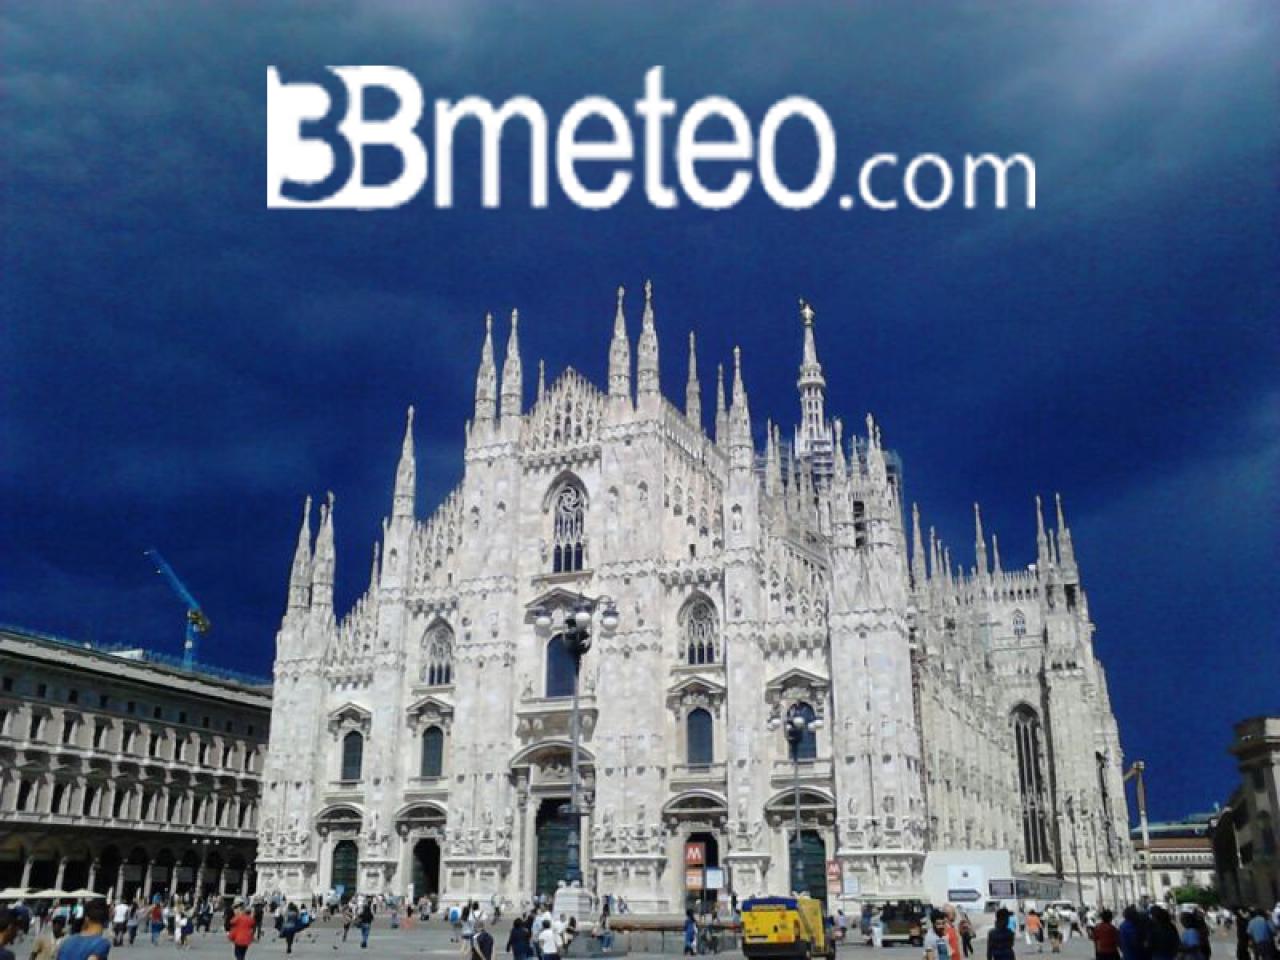 Previsioni Meteo Milano: nuovi temporali in Lombardia nel weekend ...